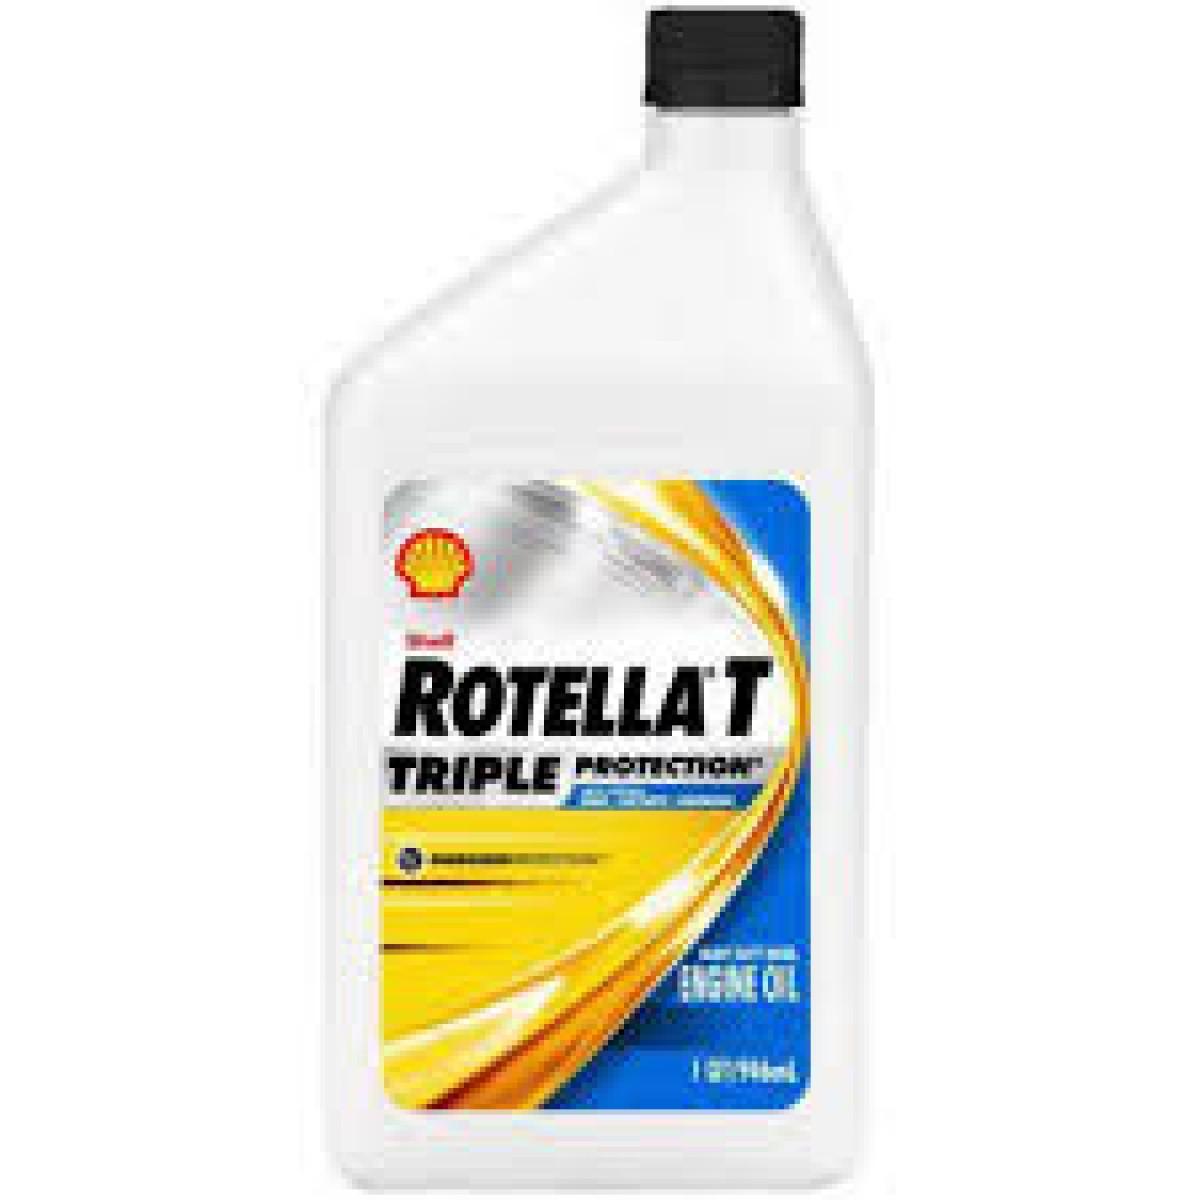 Shell Rotella T4 >> 550045140 - 15W-40 ROTELLA OIL QT - Amarillo Bolt